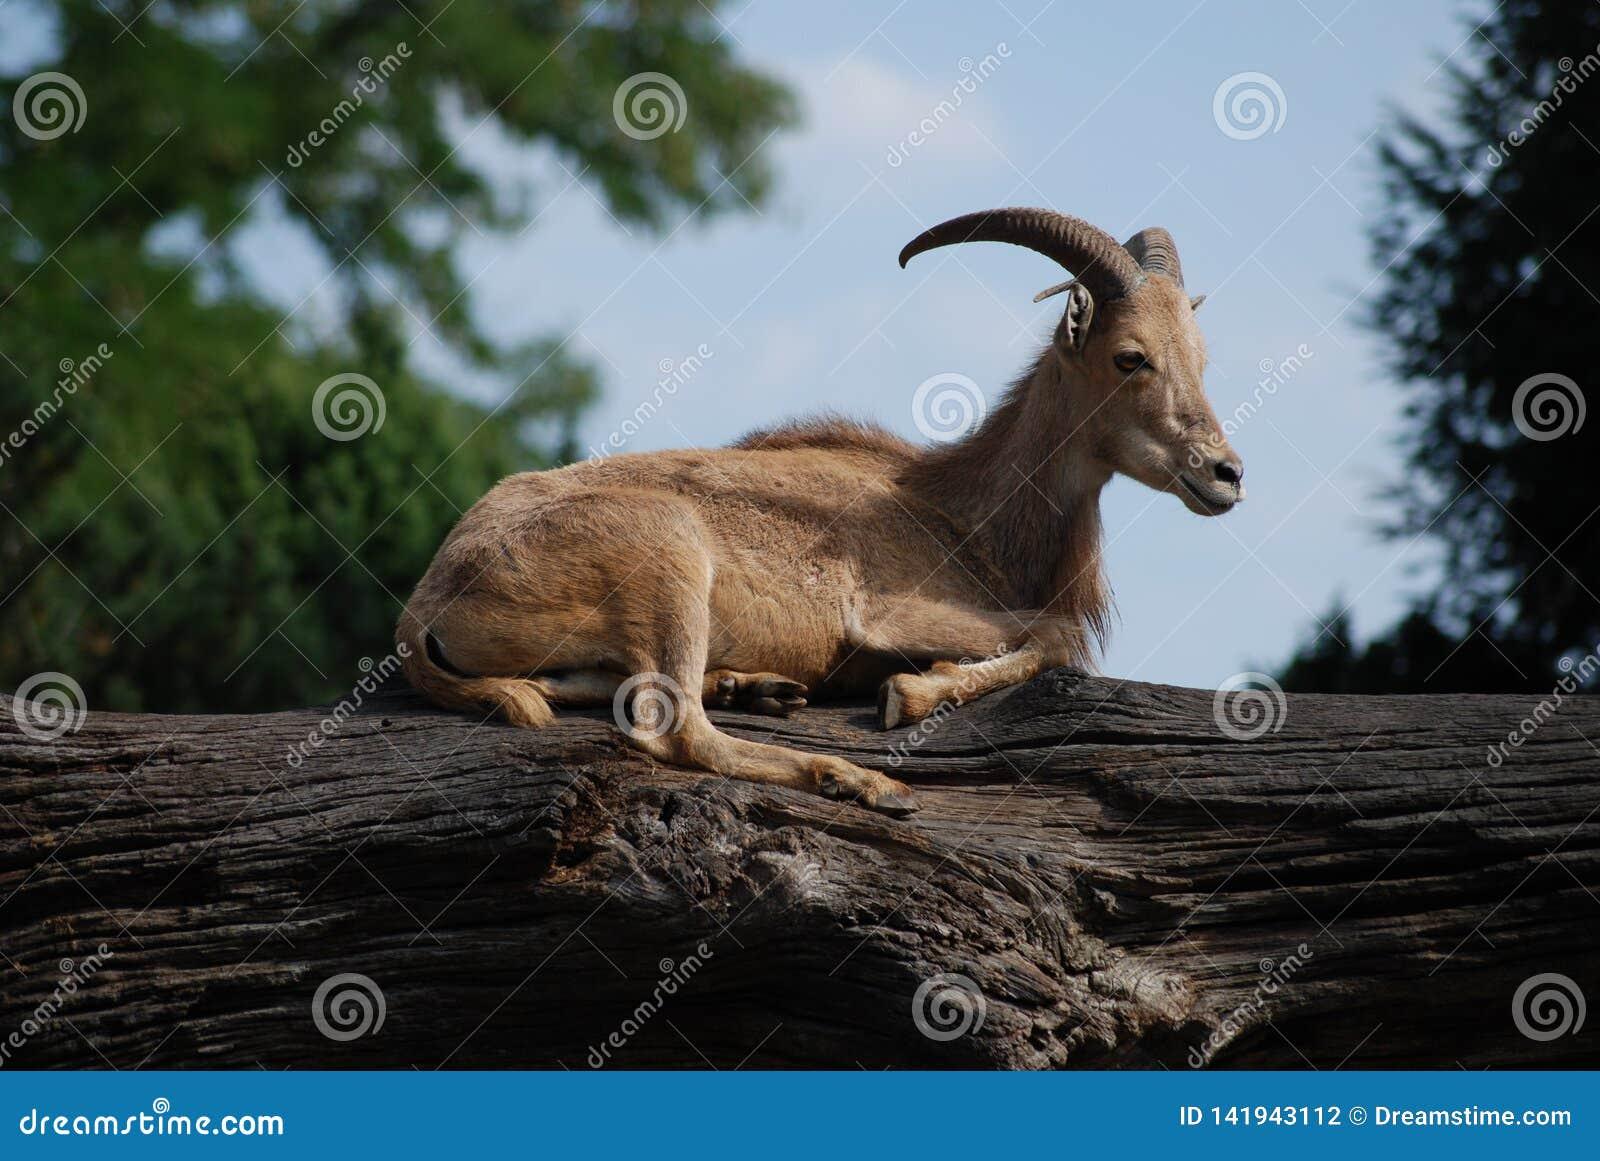 Capricorno femminile iberico che riposa su un tronco di albero nello zoo